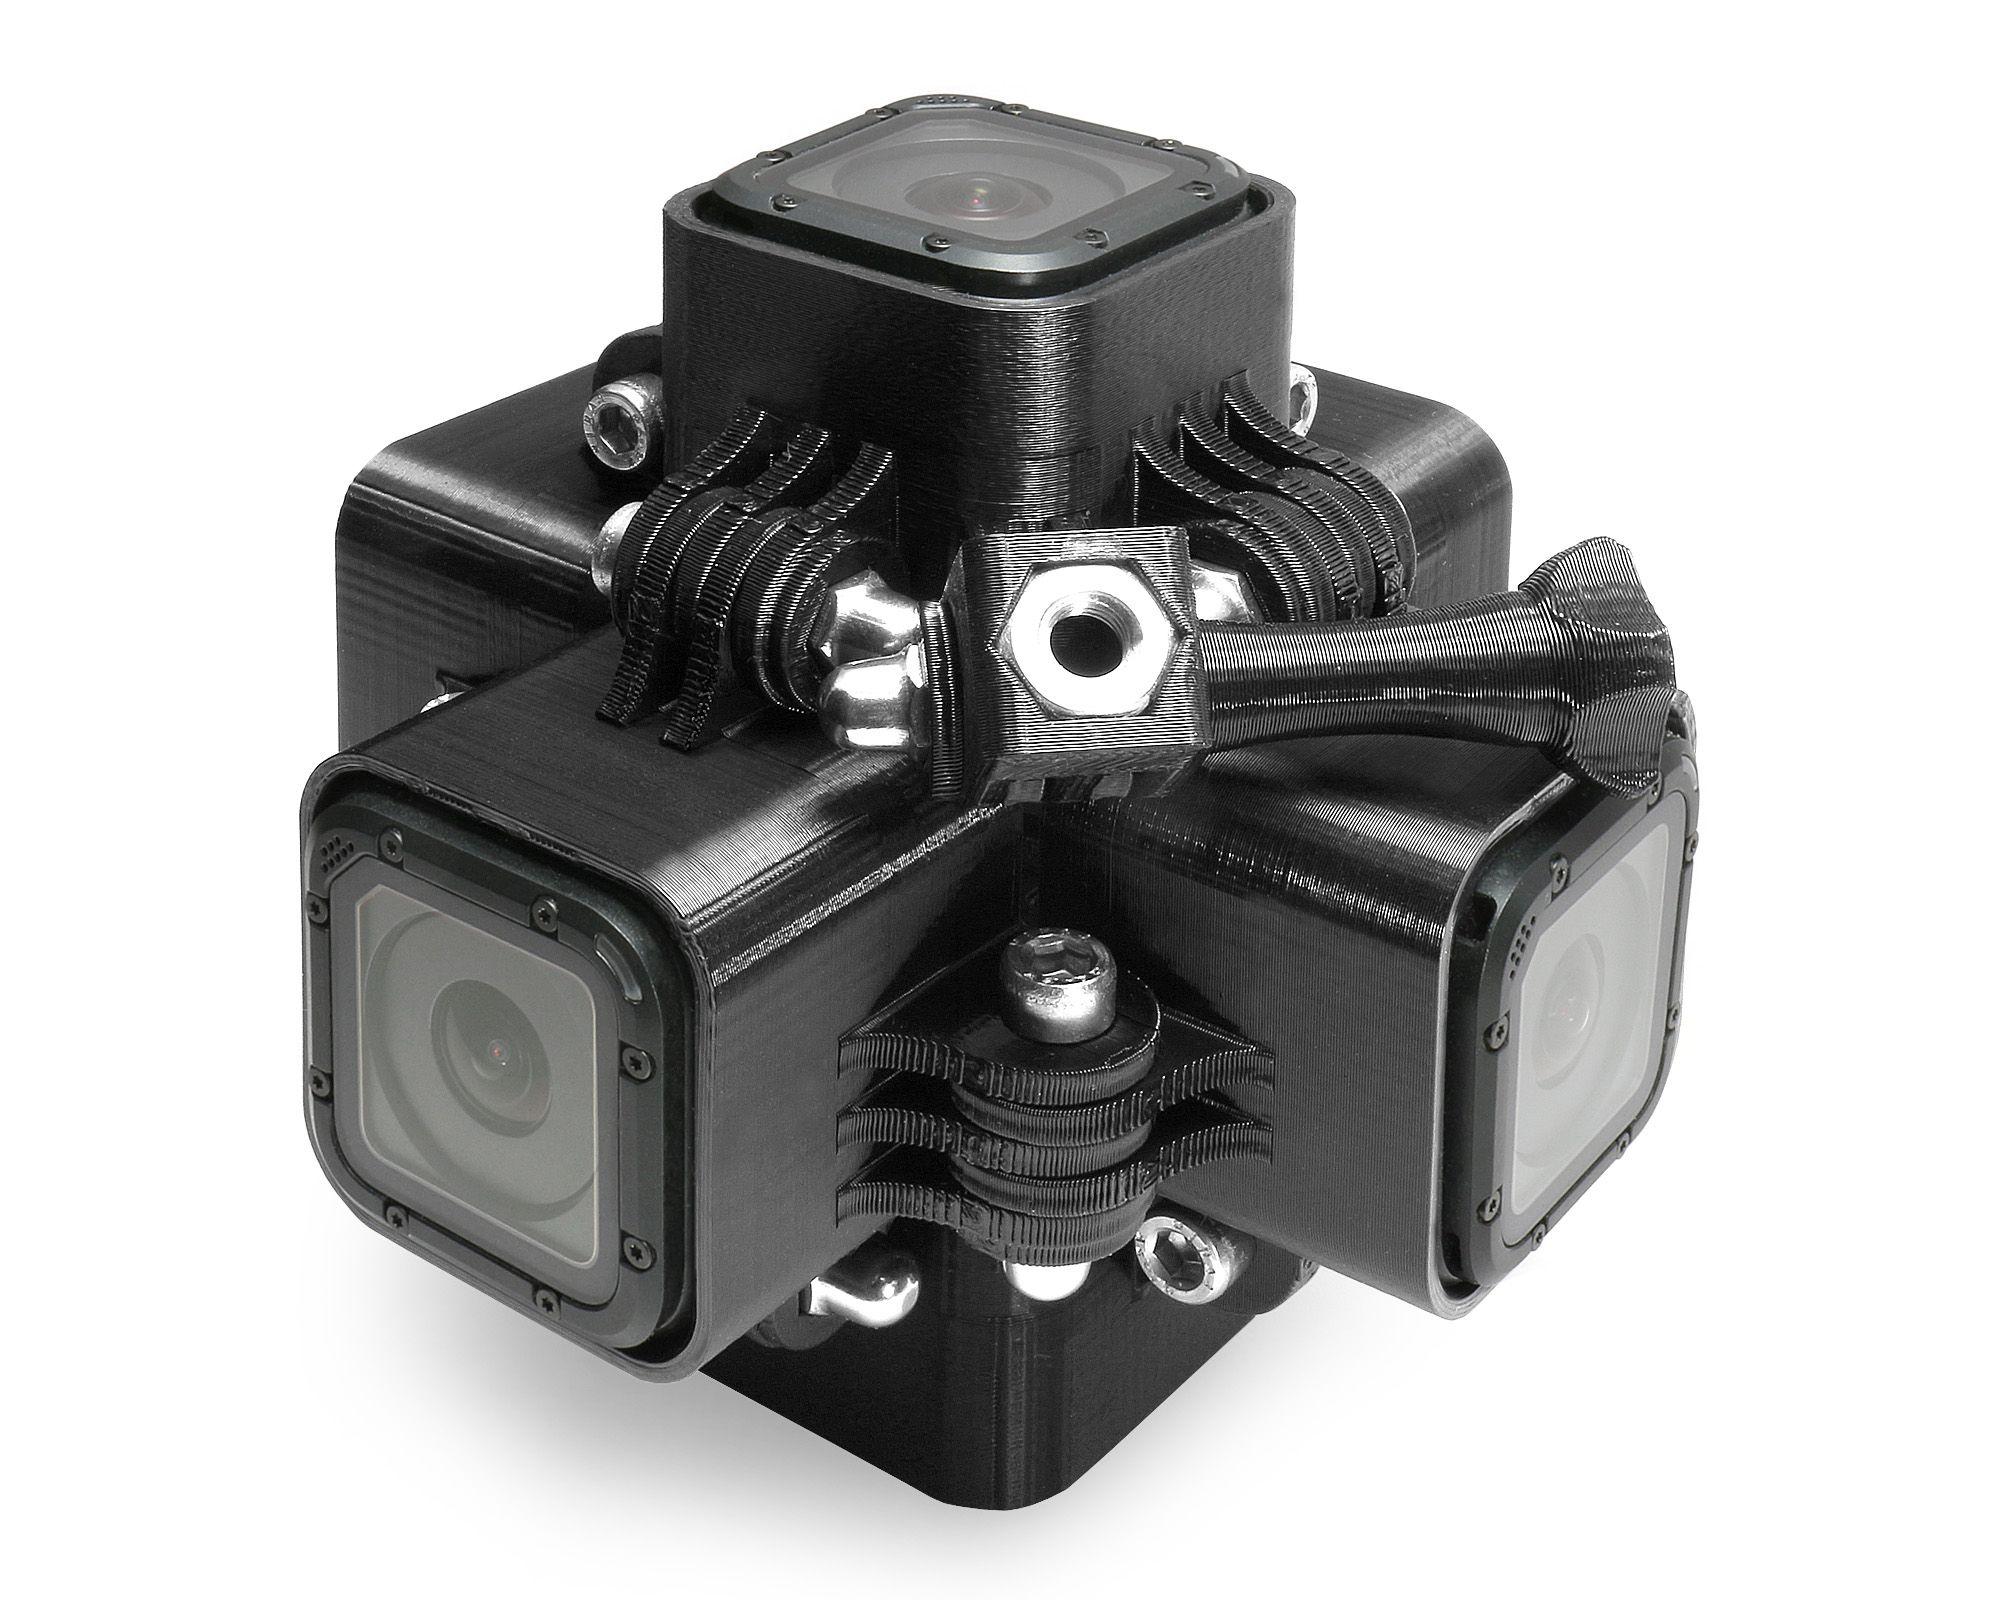 Frame Mount Tripod Mount für GoPro Go Pro HD HERO 3 Black Zubehör Adapter Red